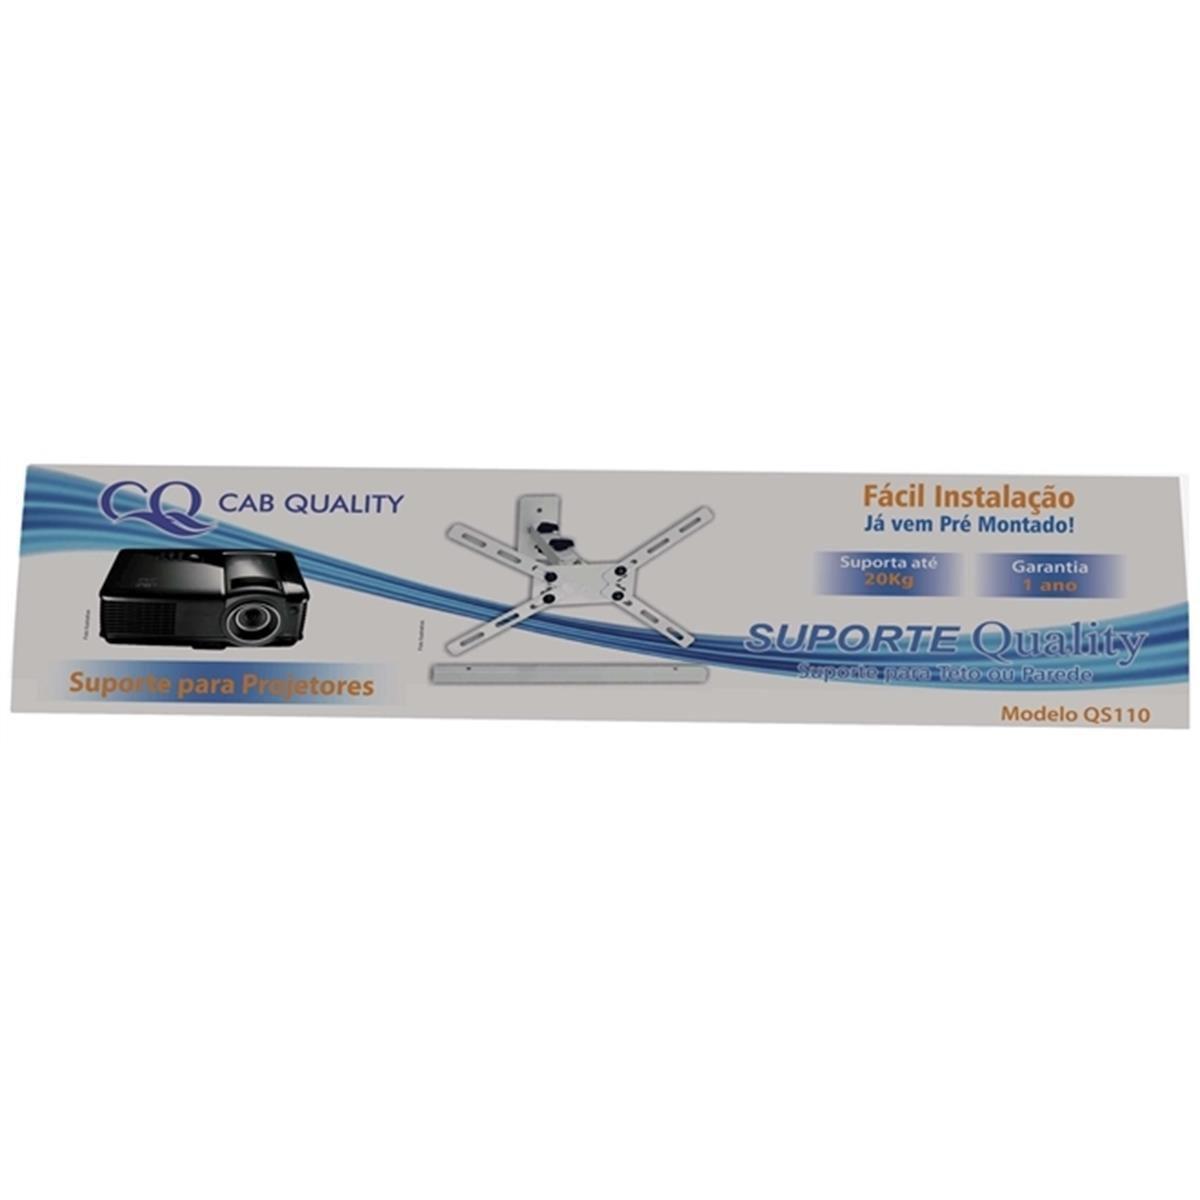 Suporte de Aço Reforçado para Projetor Universal Teto ou Parede Cab Quality QS110